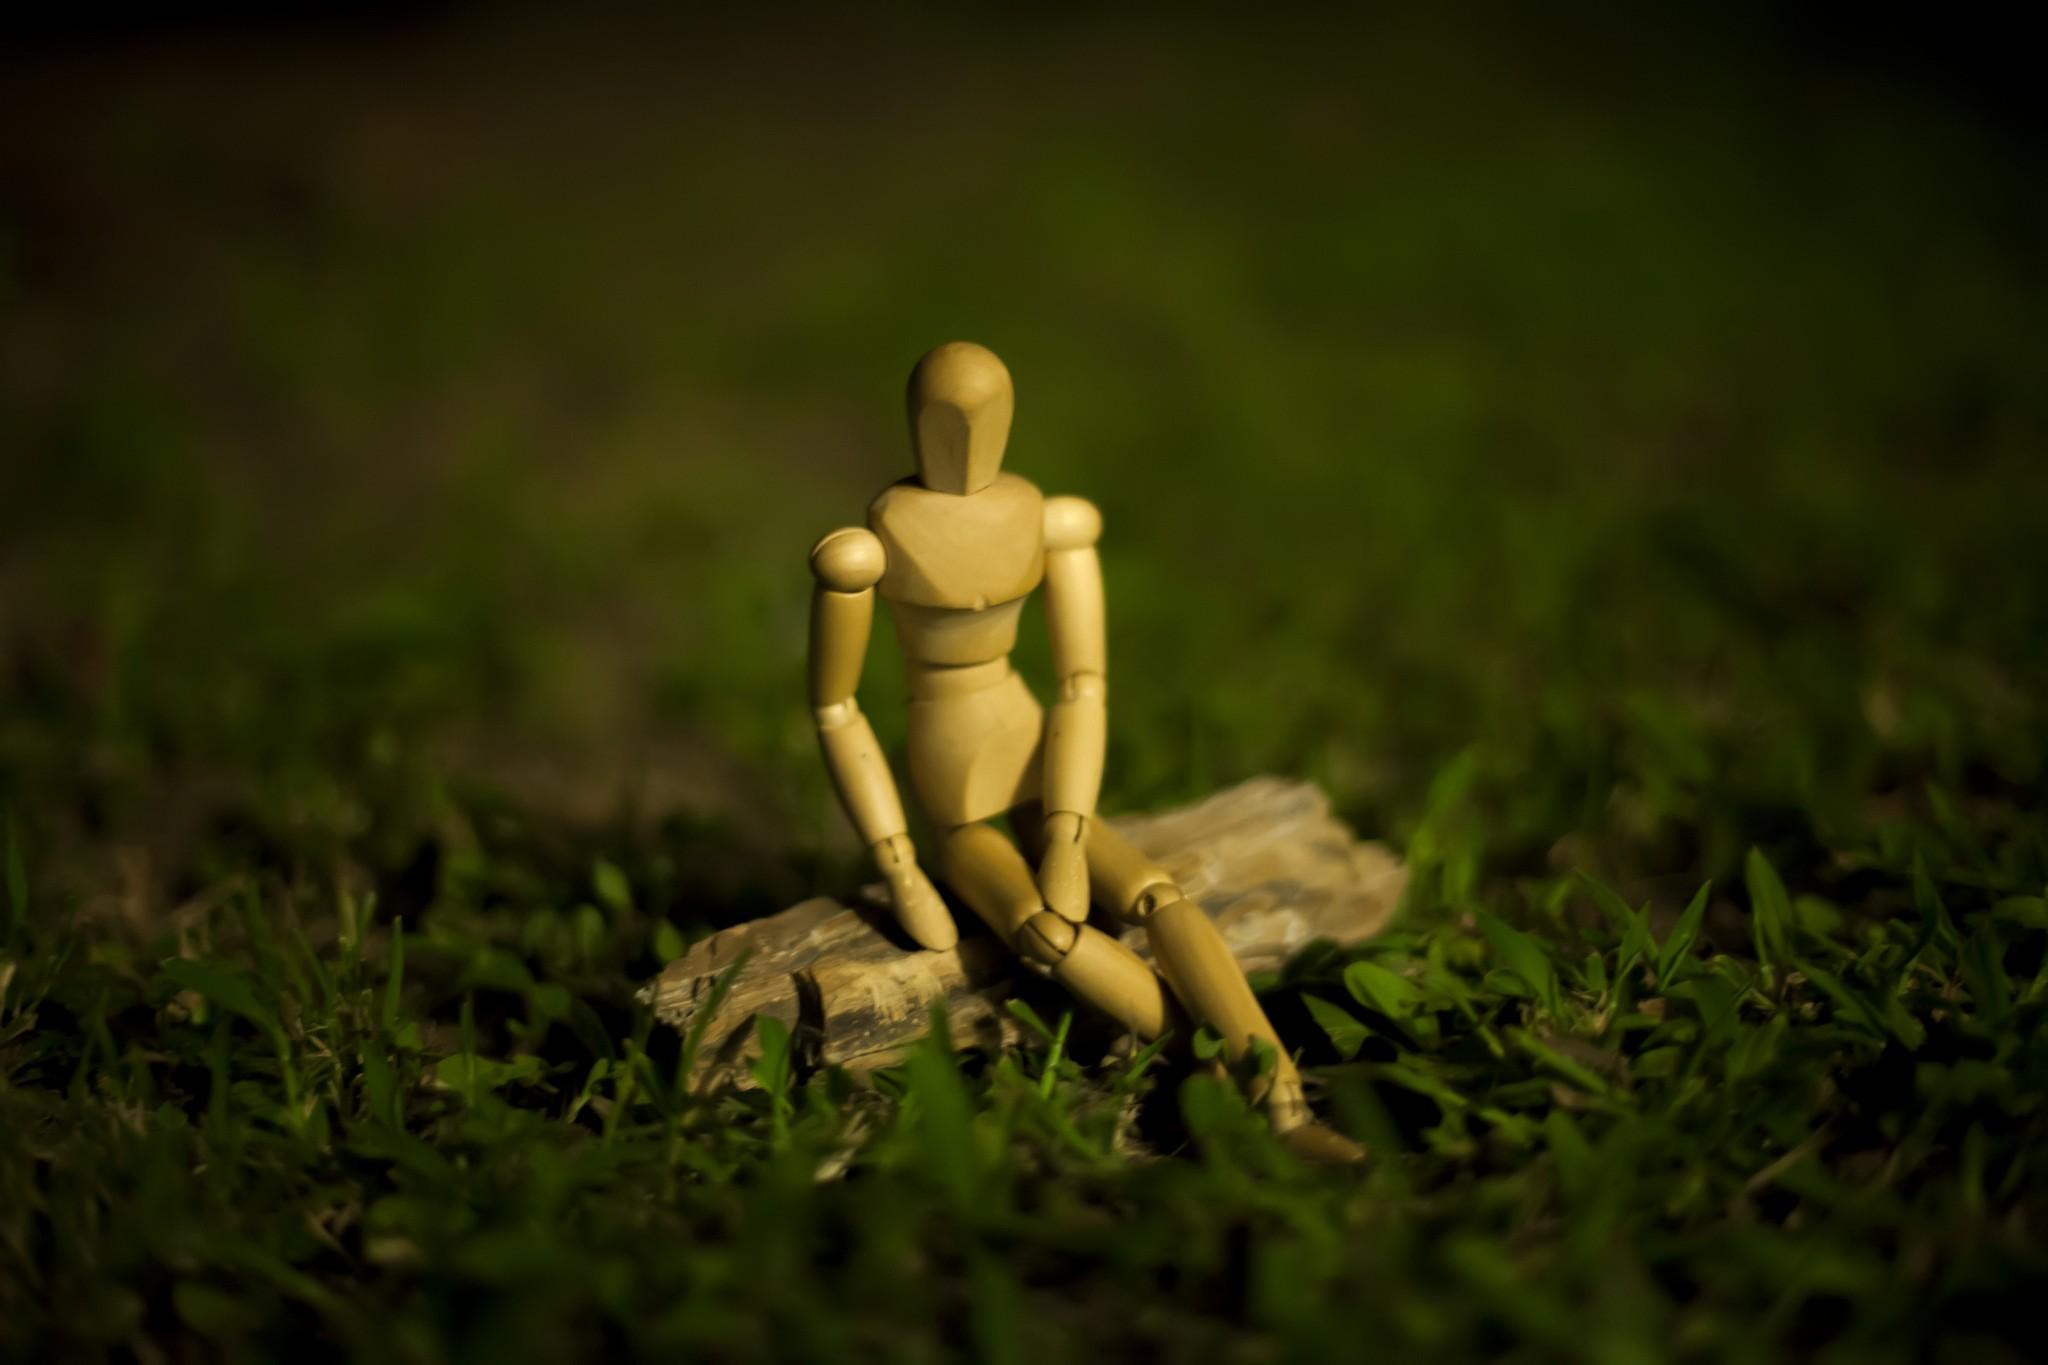 solidão (Foto: flickr - creative commons /Fujoshi Bijou)